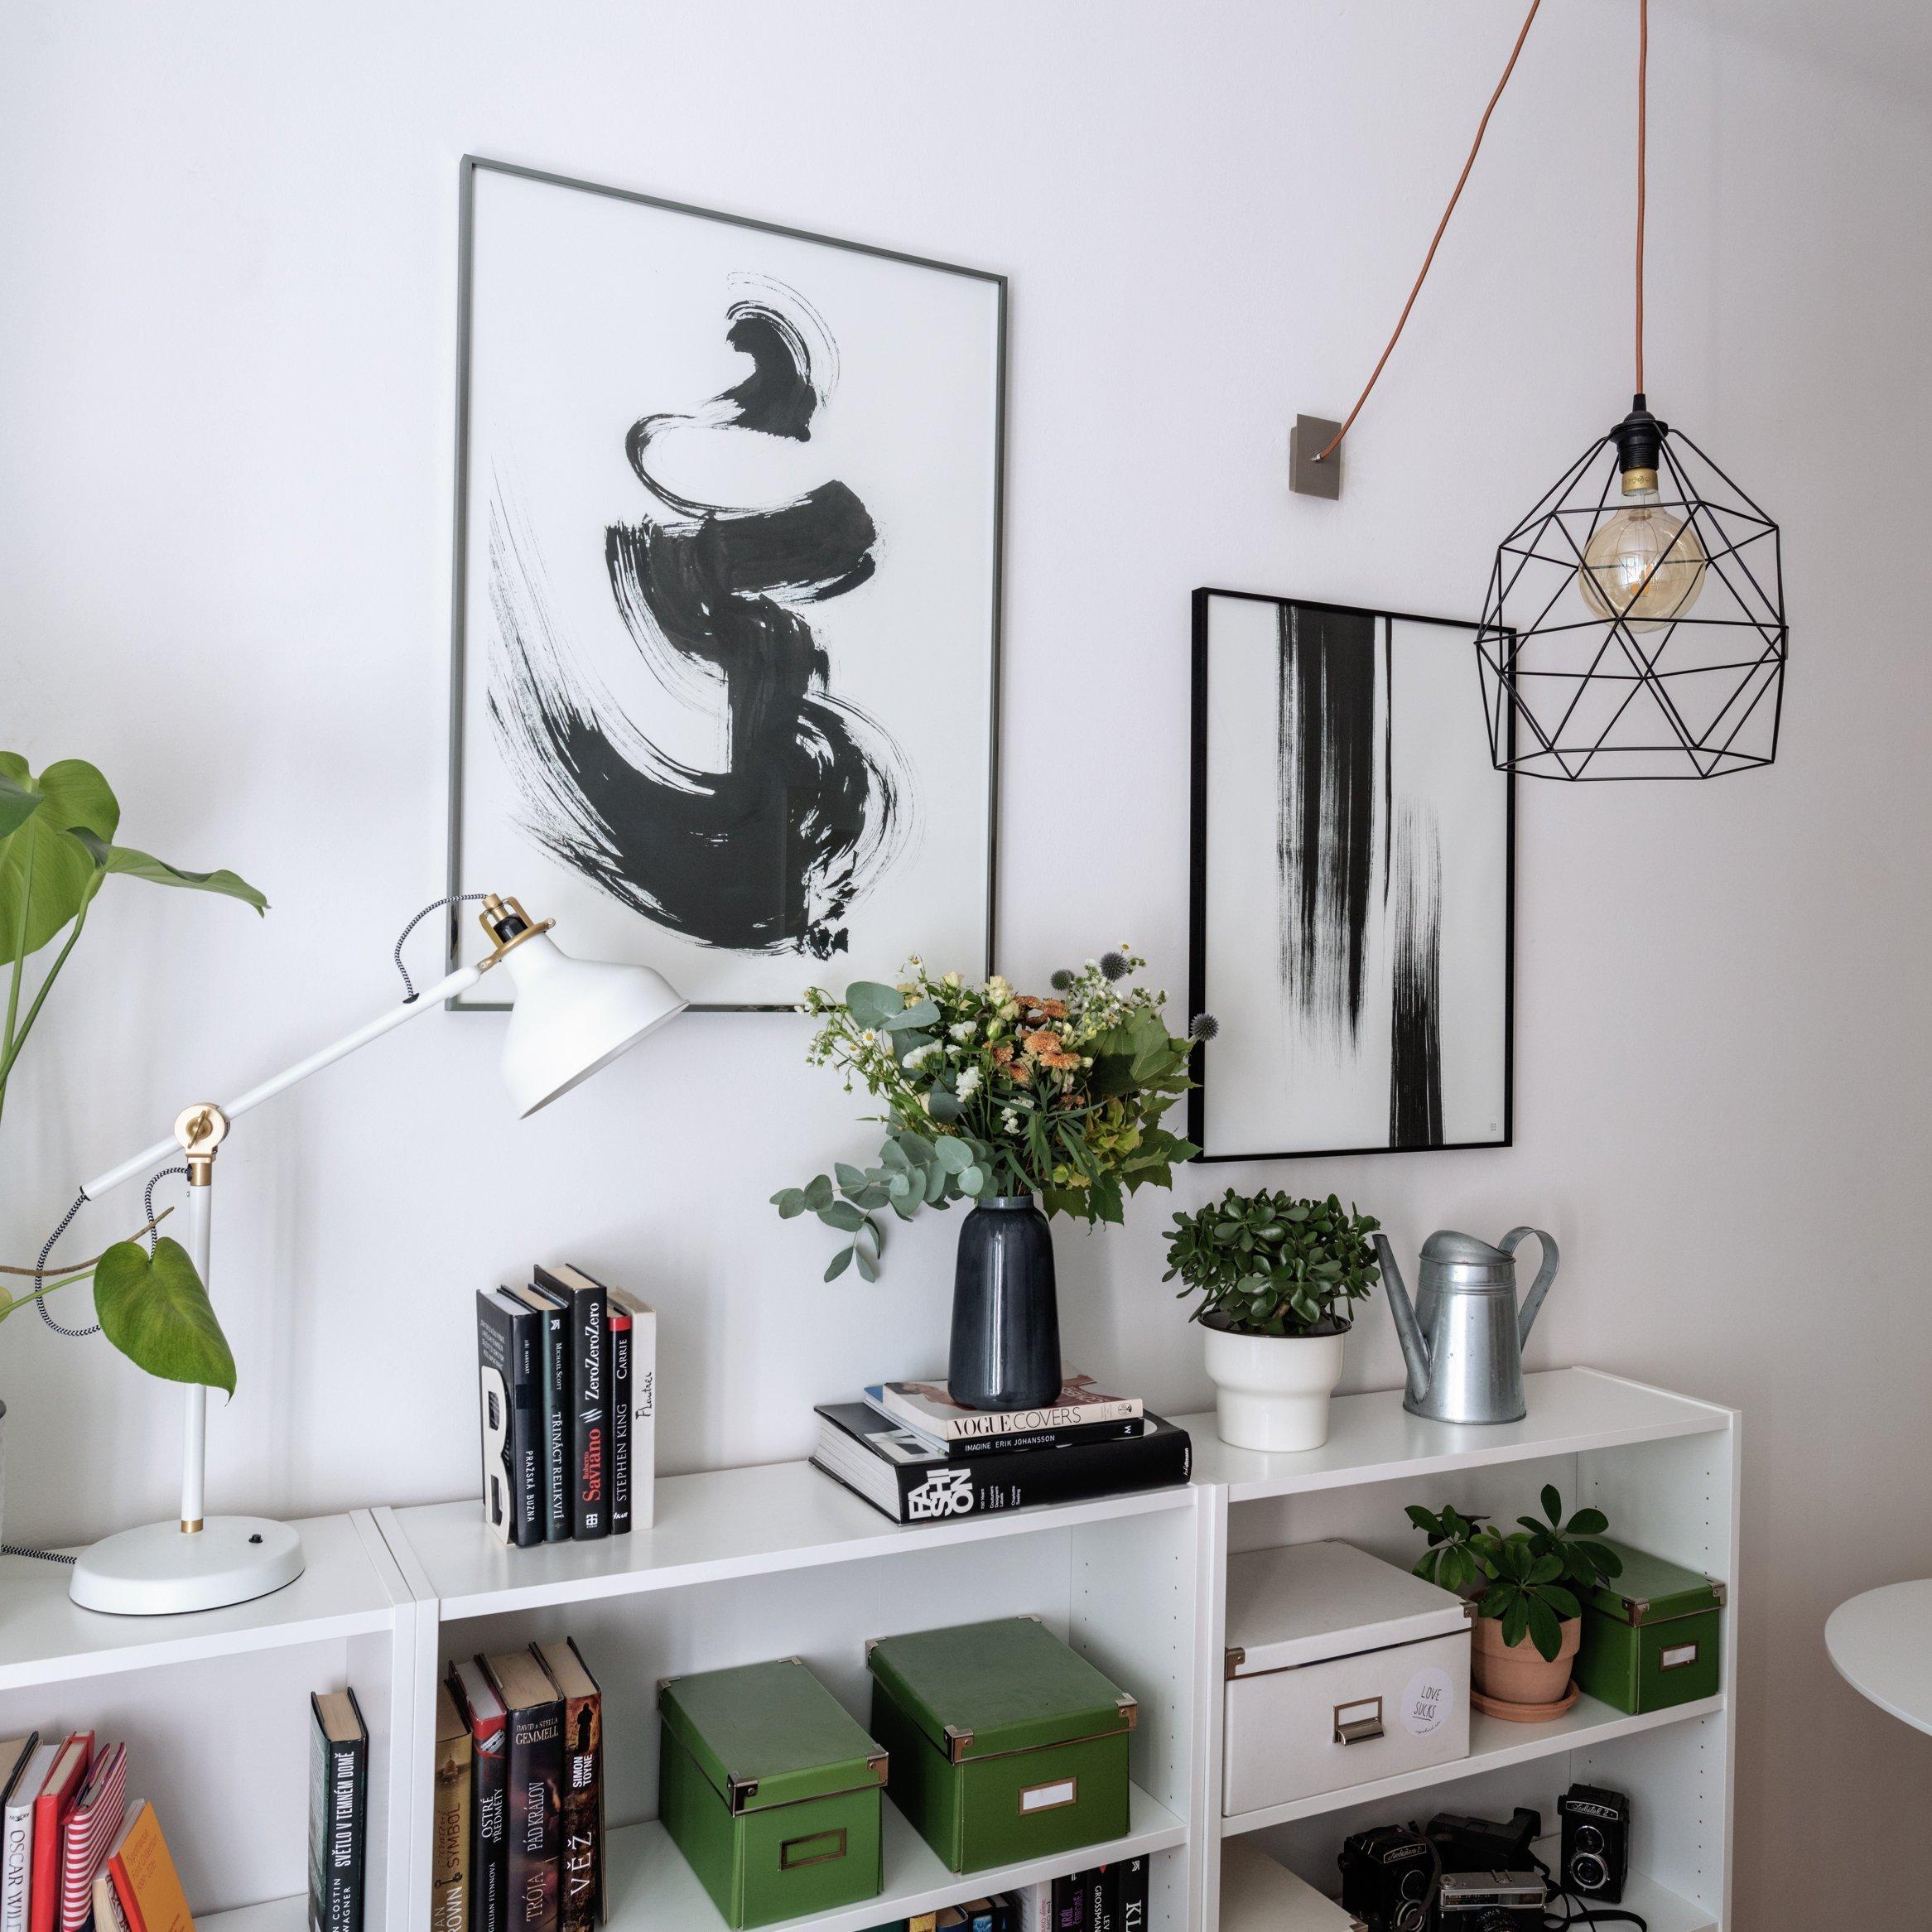 Vizí konceptu Artylist je nabízet limitované obrazy se skutečnou uměleckou hodnotou, které jedinečným způsobem doladí atmosféru ve vašem bytě, kanceláři nebo…